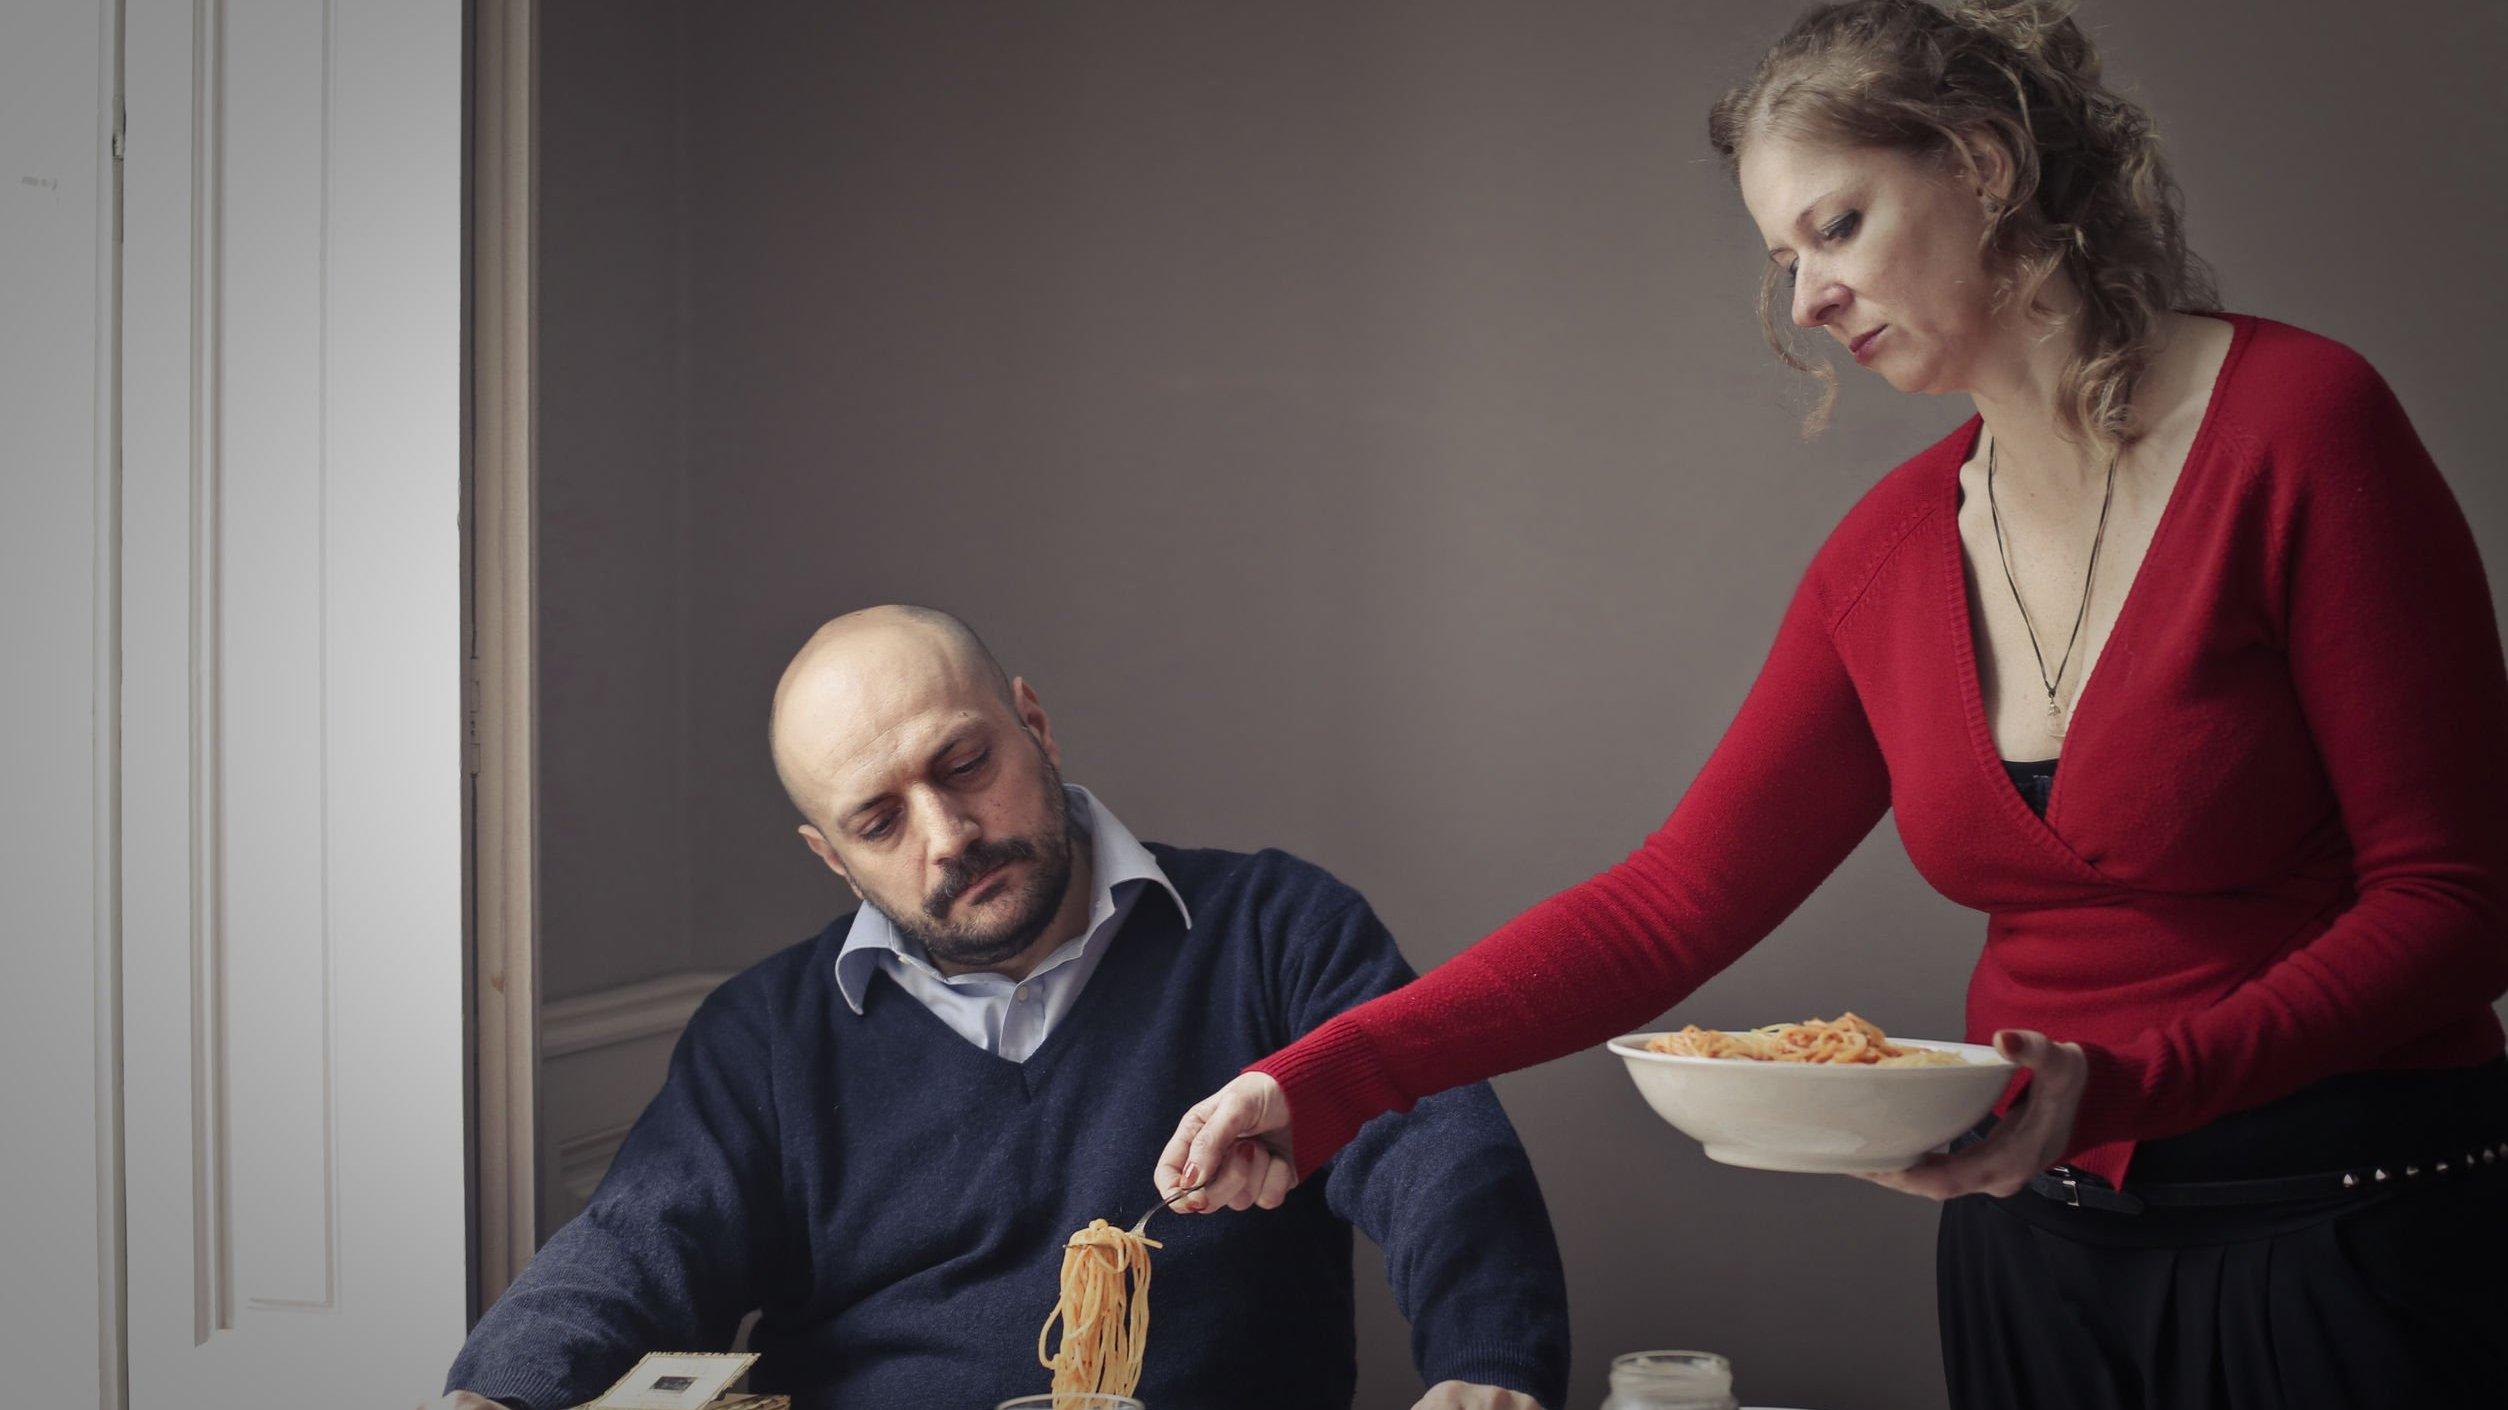 Homem sentado em mesa de jantar com mulher lhe servindo uma porção de macarrão. O homem parece impaciente e a mulher tem uma expressão cansada.